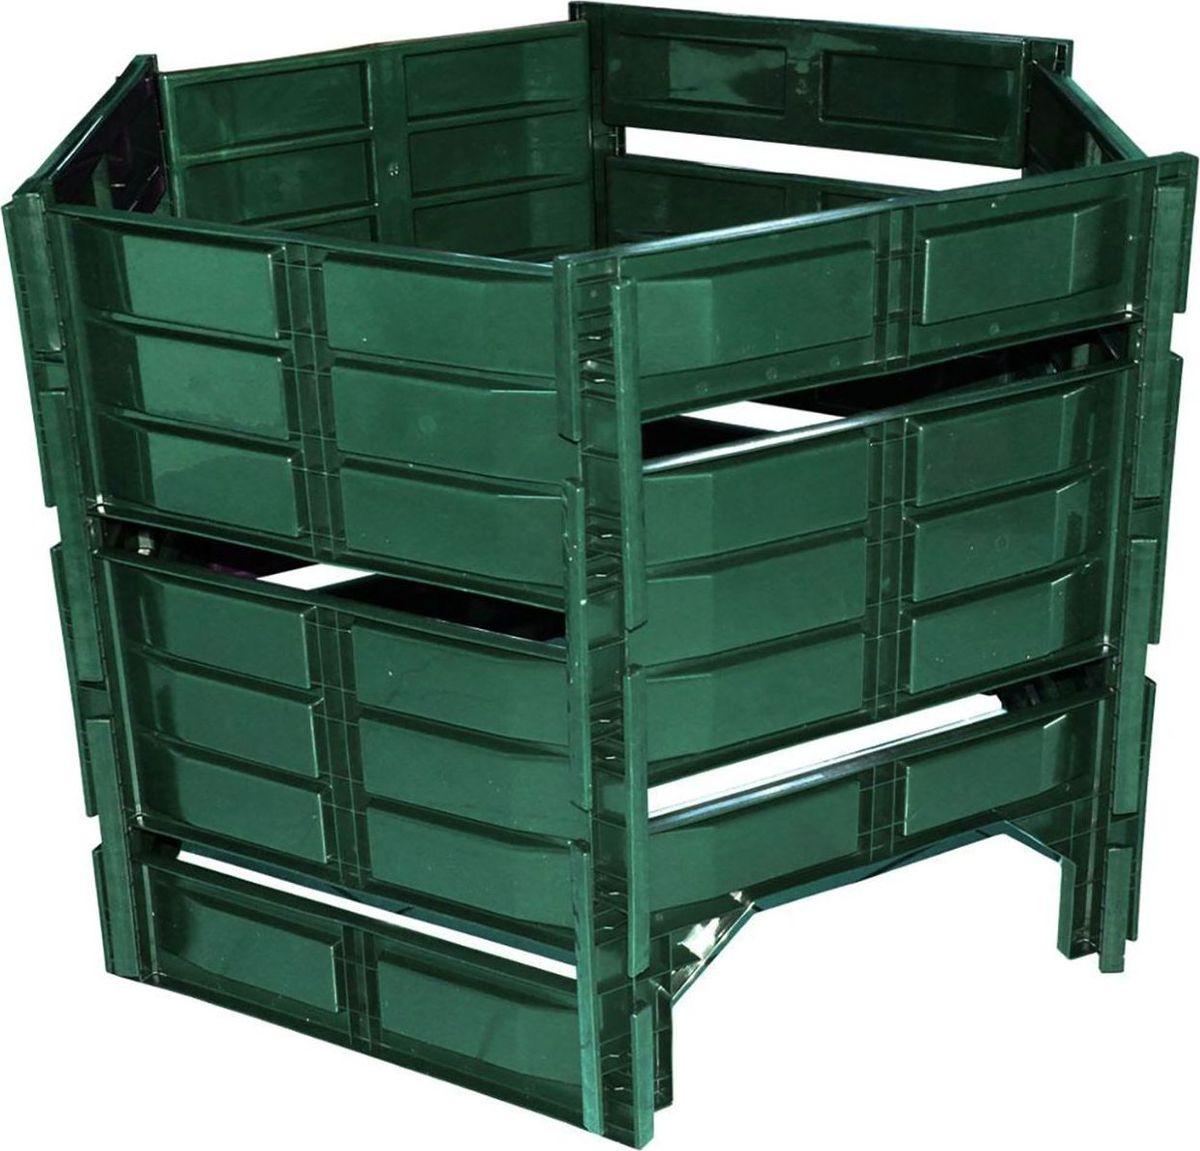 Ограждение для компостной кучи Альтернатива, цвет: зеленый, 810 л1332683Далеко не всегда плодородие почвы соответствует ожиданиям. В таком случае садоводу приходится использовать удобрения. К счастью, нет необходимости всякий раз покупать дорогостоящие подкормки: бережливый садовод пользуется компостом. Компост — это уникальное органическое удобрение, которое обогащает почву гумусом. Он может частично или полностью заменить собой навоз, который сейчас поднялся в цене, а также минеральные удобрения и привозимую специально плодородную почву. Удобрение образуется в компостной куче, где протекают биохимические реакции разложения. Для того чтобы этот процесс шёл наиболее эффективно, рекомендуется следовать некоторым рекомендациям: ящик для компостной кучи желательно поставить в тенистом местечкепозаботьтесь о правильном соотношении азота и углерода. Углерод сконцентрирован в растениях, опилках и соломе. Азот же содержится в навозе, костной муке, птичьем помёте, гороховых и бобовых стеблях. Для наиболее быстрого образования компоста компоненты следует укладывать в определённом порядке:сорняки — навоз — зола — земля. Земля с благодарностью отвечает тому, кто не страшится работы. Закажите ограждение «Компостер», и вам не придётся тратить лишние деньги!